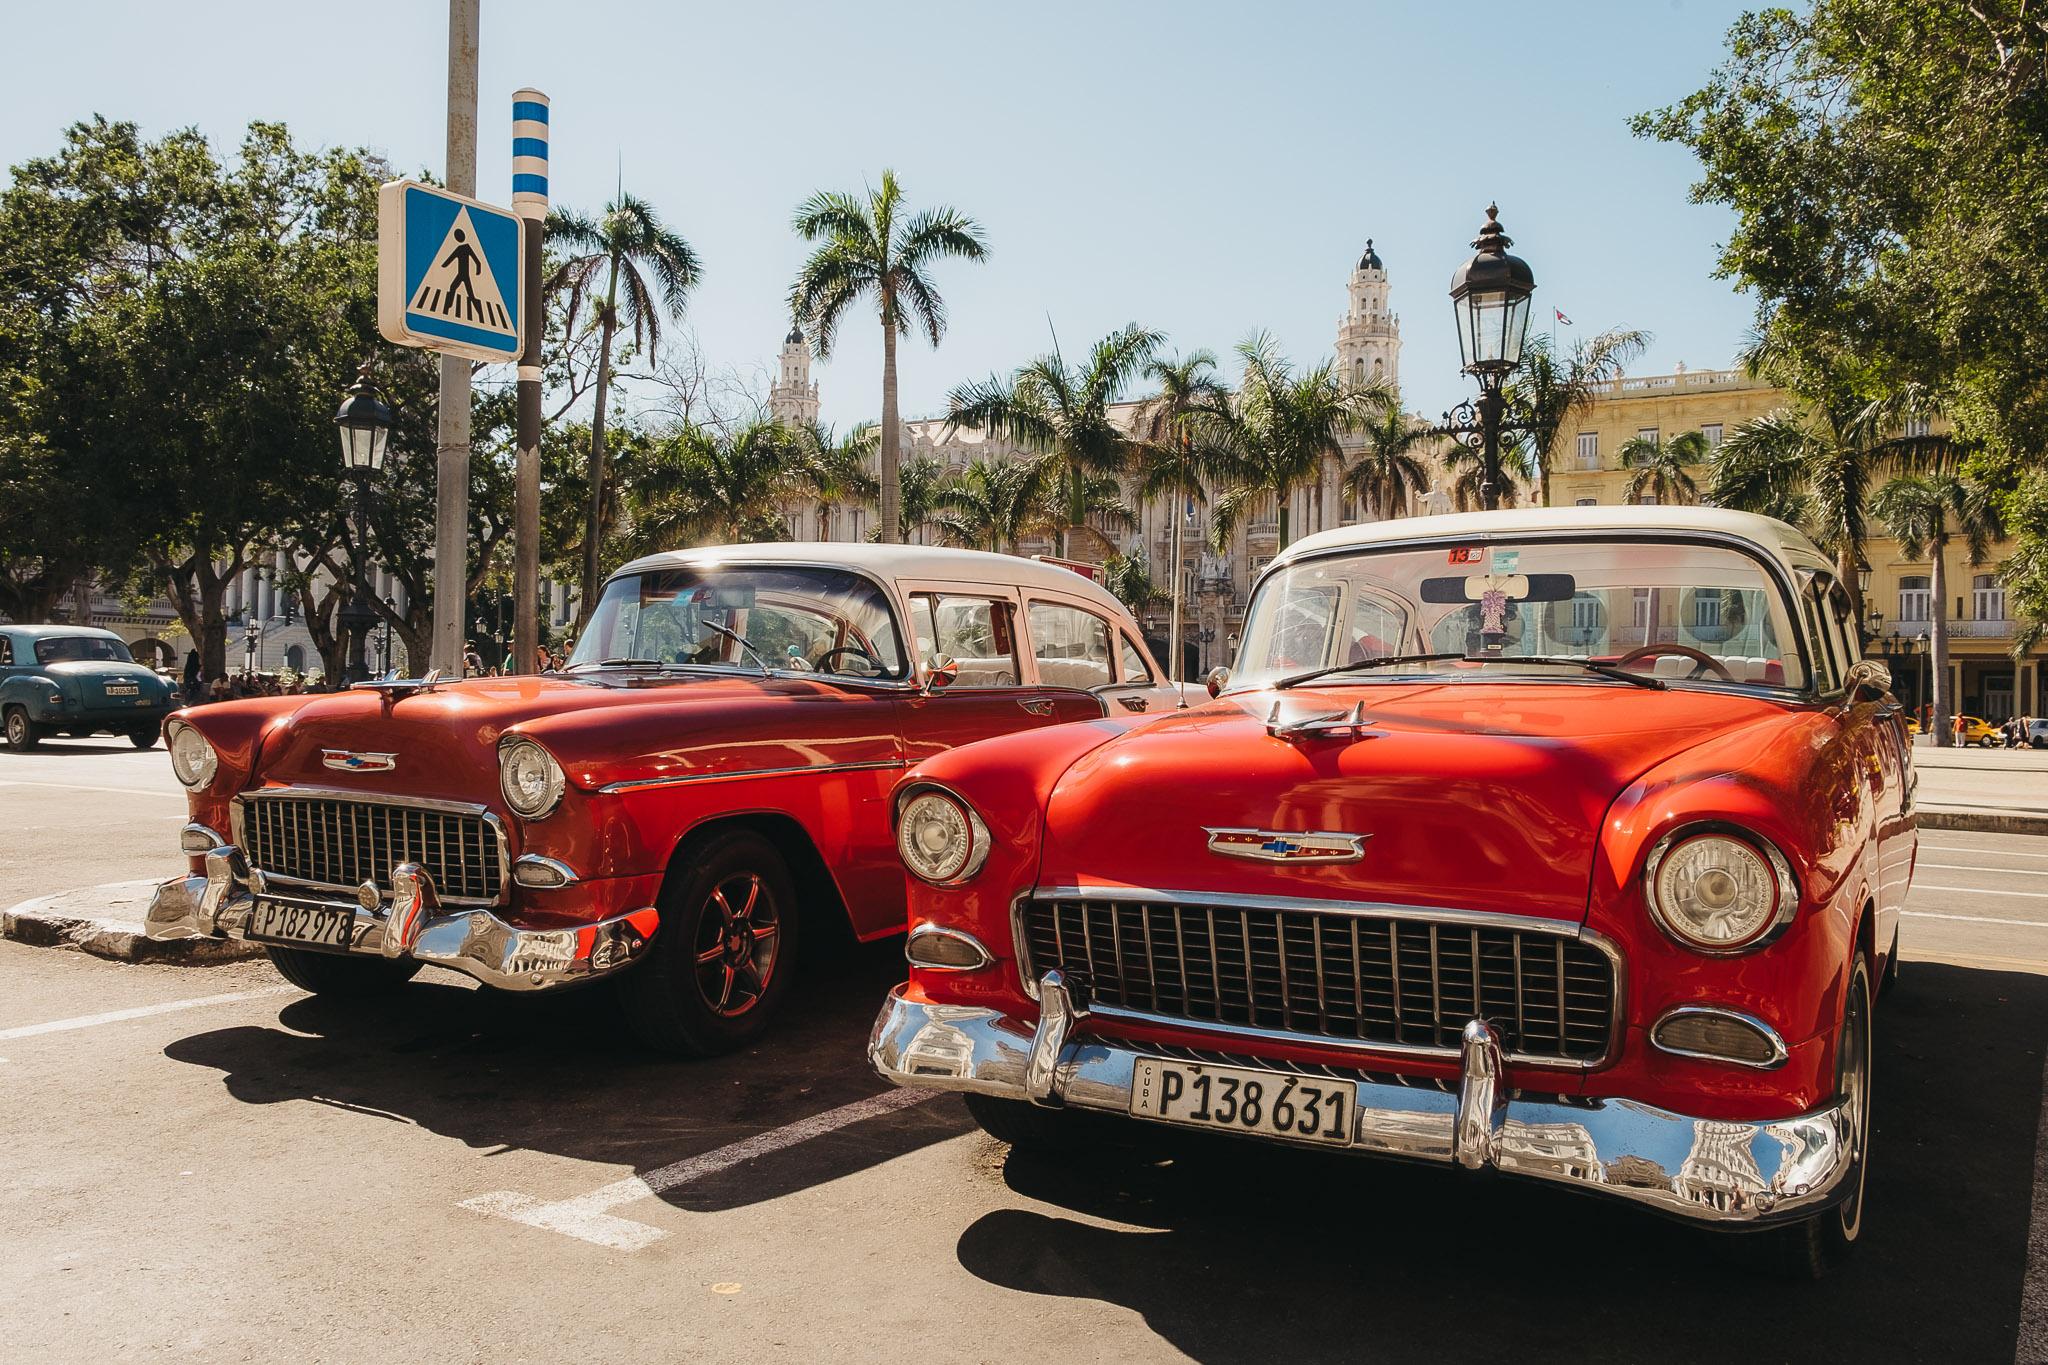 Cuba-2017-12-Havana-1279.jpg